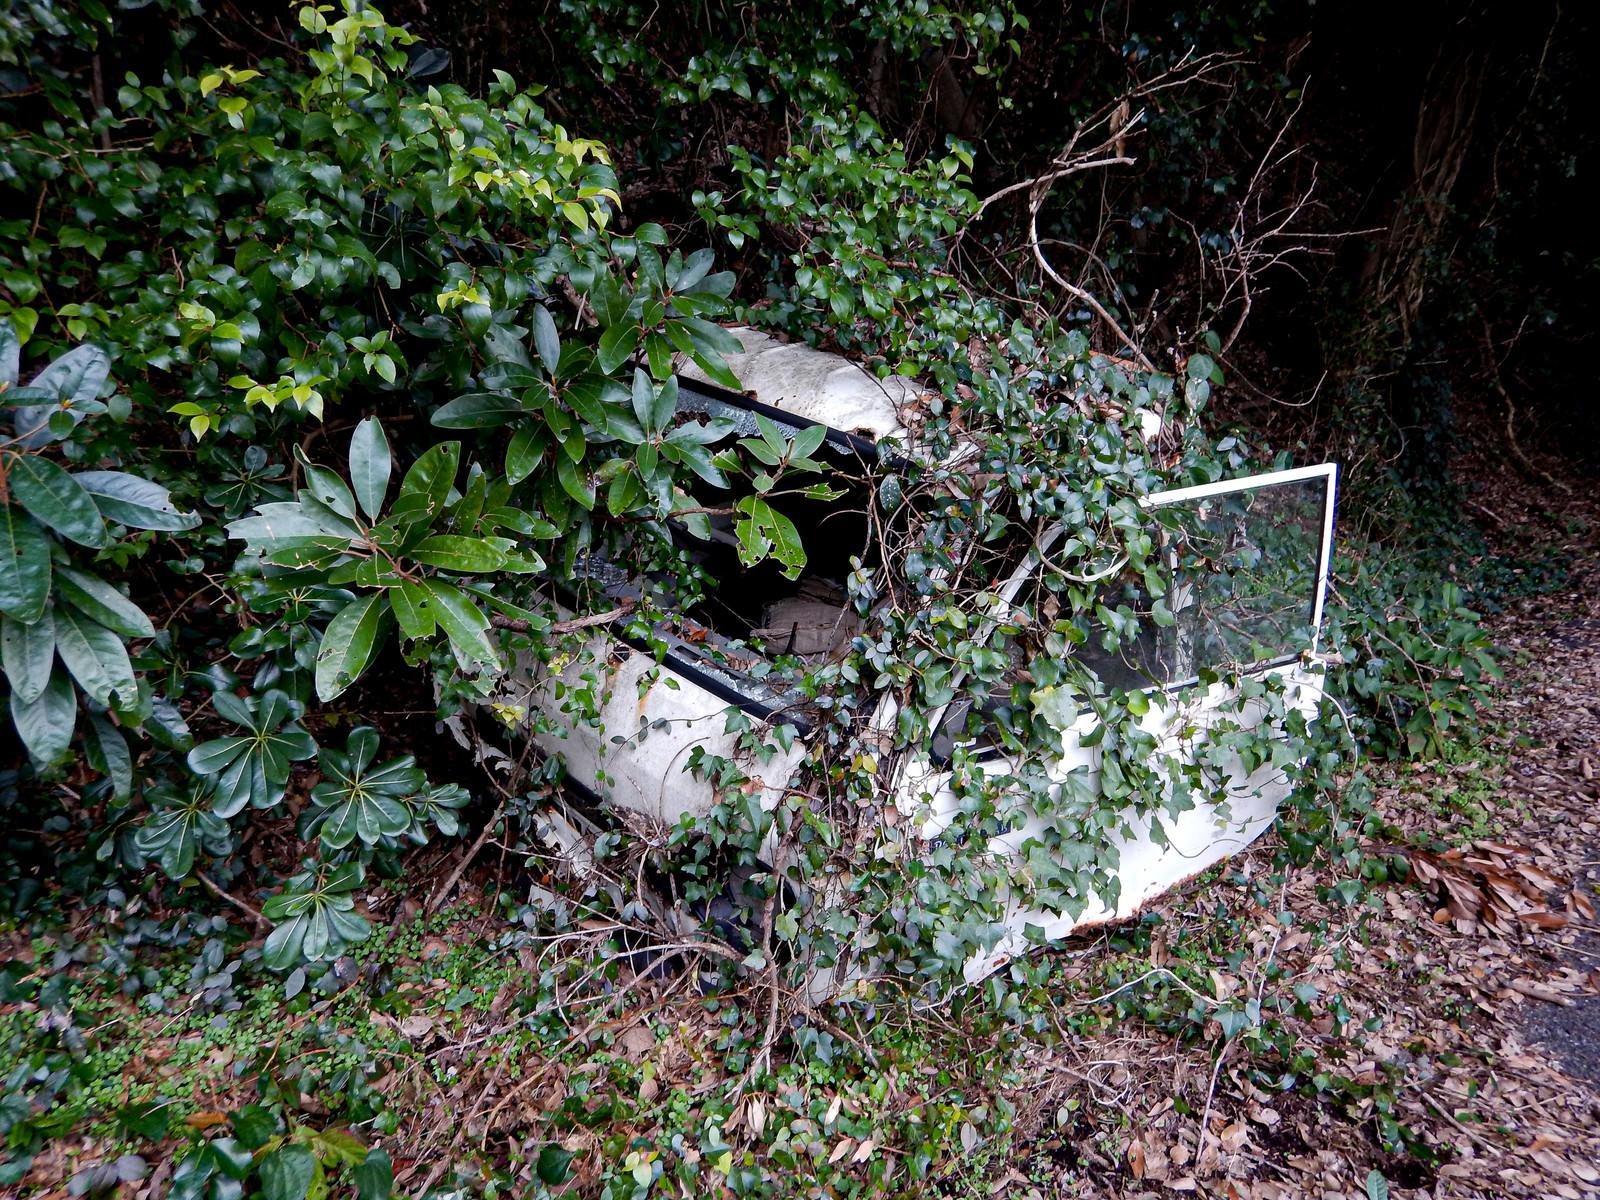 「乗り捨てられたまま放置された廃車」の写真